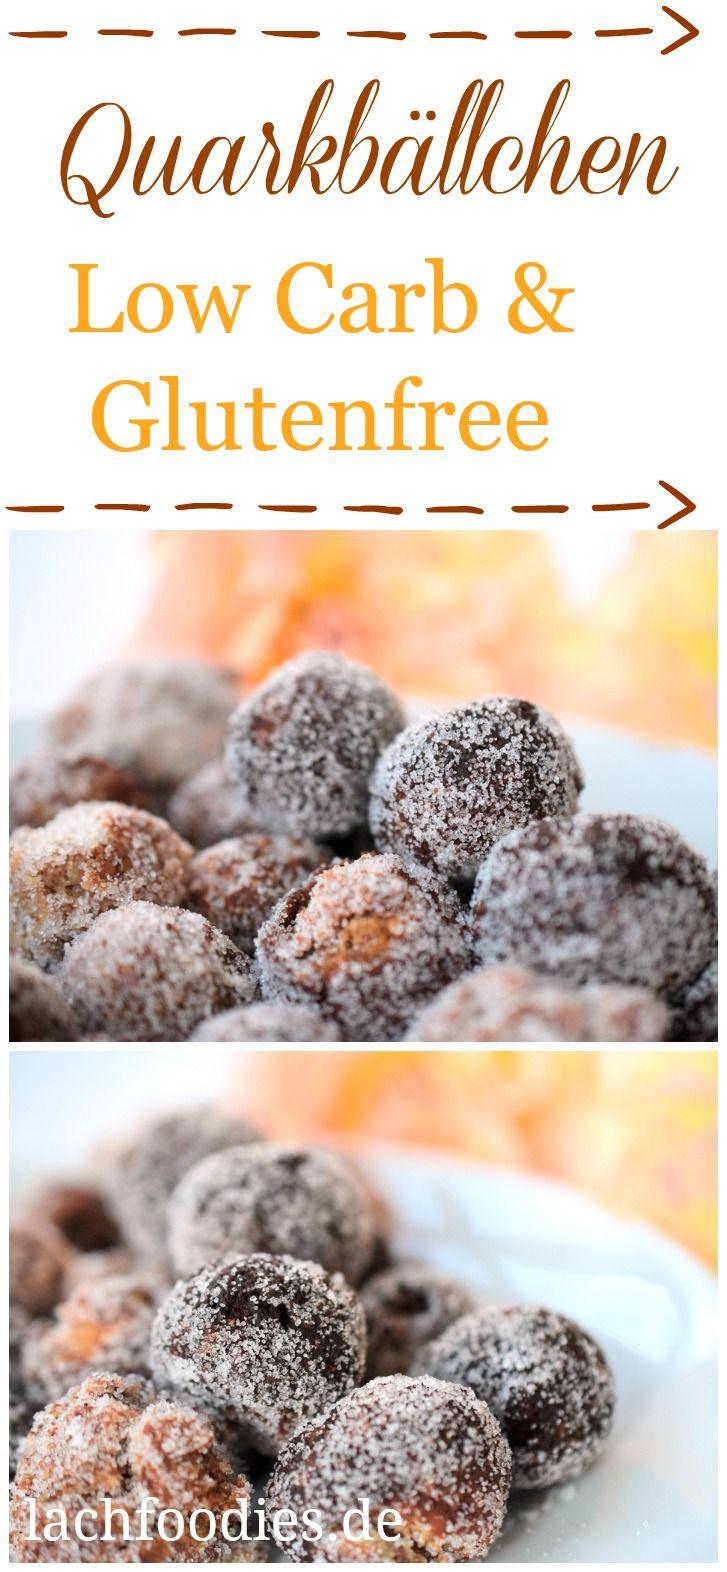 Frische Low Carb Quarkbällchen ohne Zucker. Eine wahrer Genuss für alle, die sich gerne gesund ernähren. Eine gesunde Nachspeise für ein gesundes Dessert. (Healthy Diet Recipes)